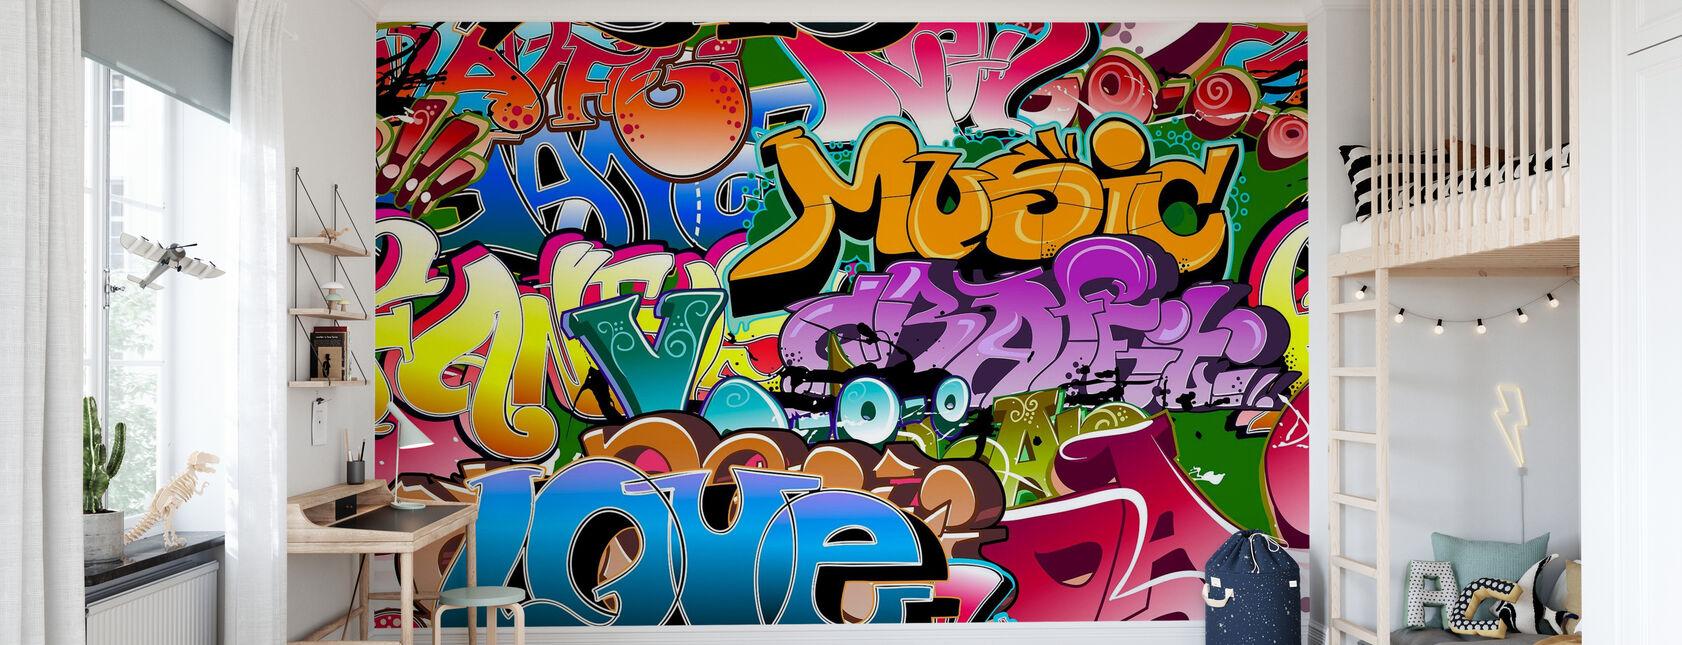 Musikk elsker graffiti - Tapet - Barnerom